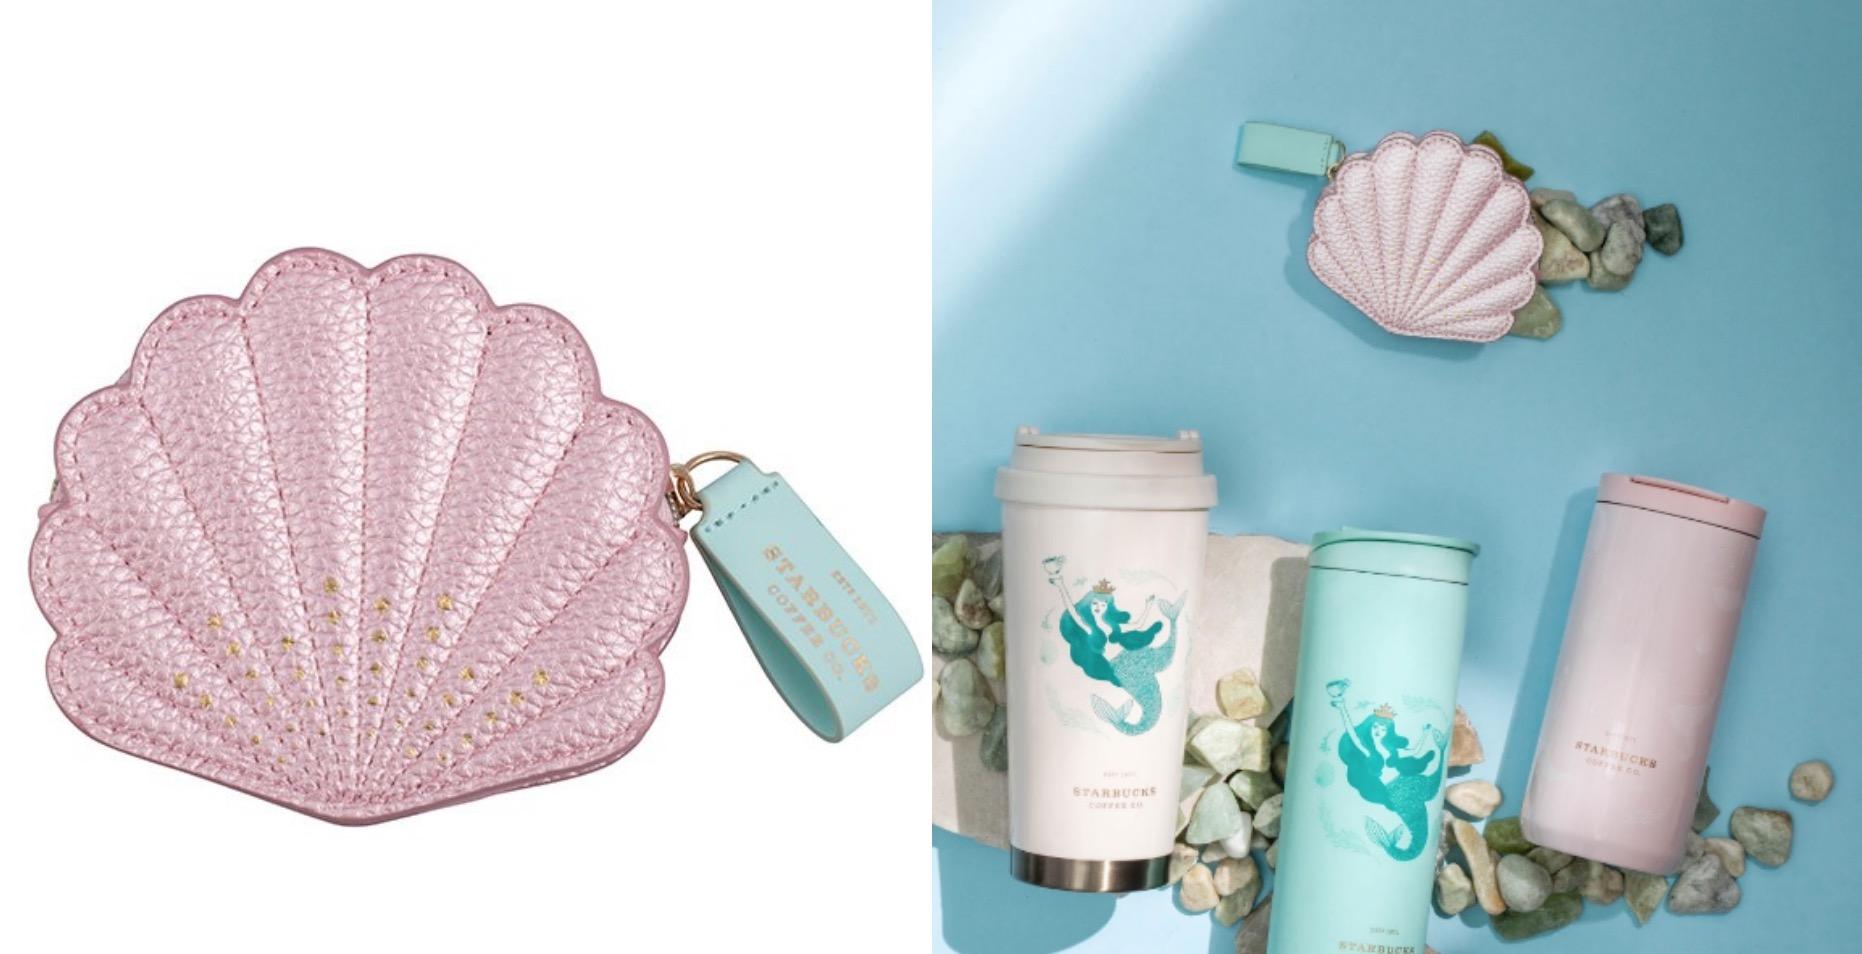 除了美人魚的魚尾,這次也有許多耀眼貝殼融入商品,這款貝殼造型零錢包仙氣爆棚,柔柔的亮粉色搭配藍綠色真的像是人魚公主的收藏品!